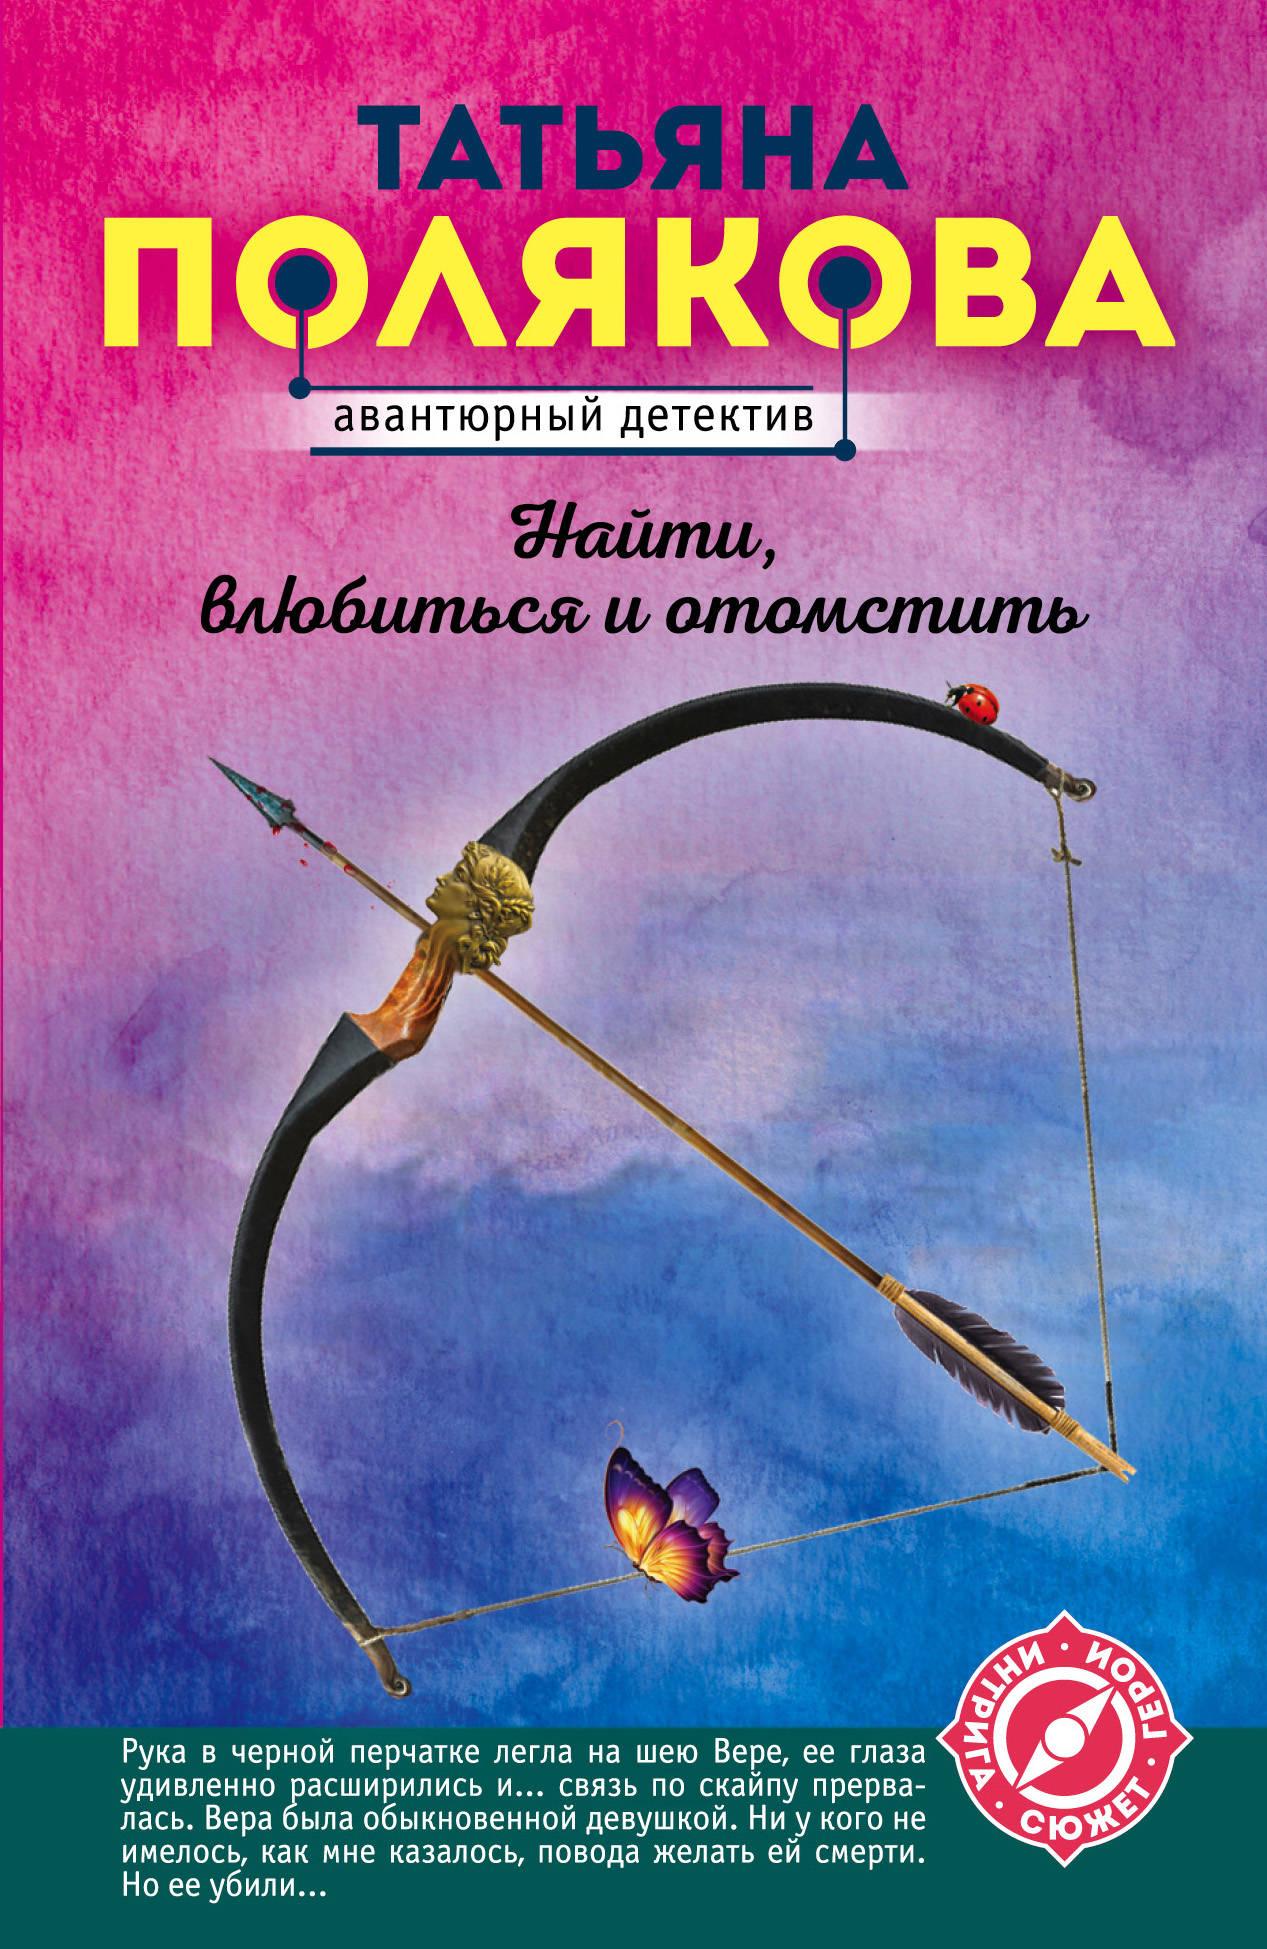 Полякова Татьяна Викторовна Найти, влюбиться и отомстить аноним дневник кислородного вора как я причинял женщинам боль page 2